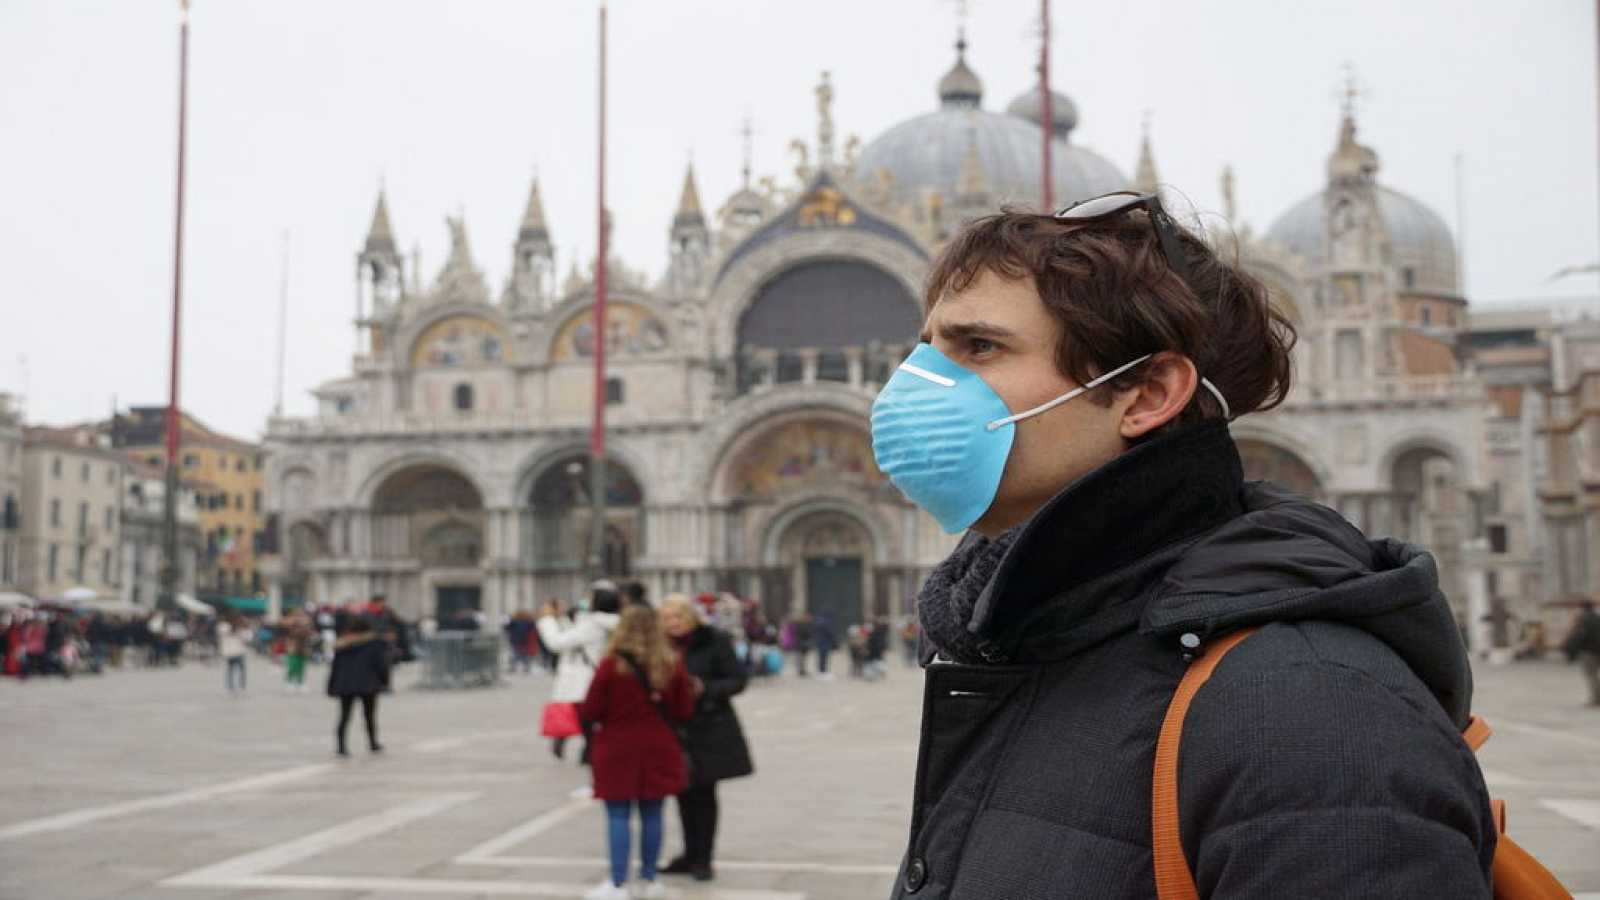 El brote de coronavirus en Italia deja al menos 7 muertos y más de 220 casos diagnosticados